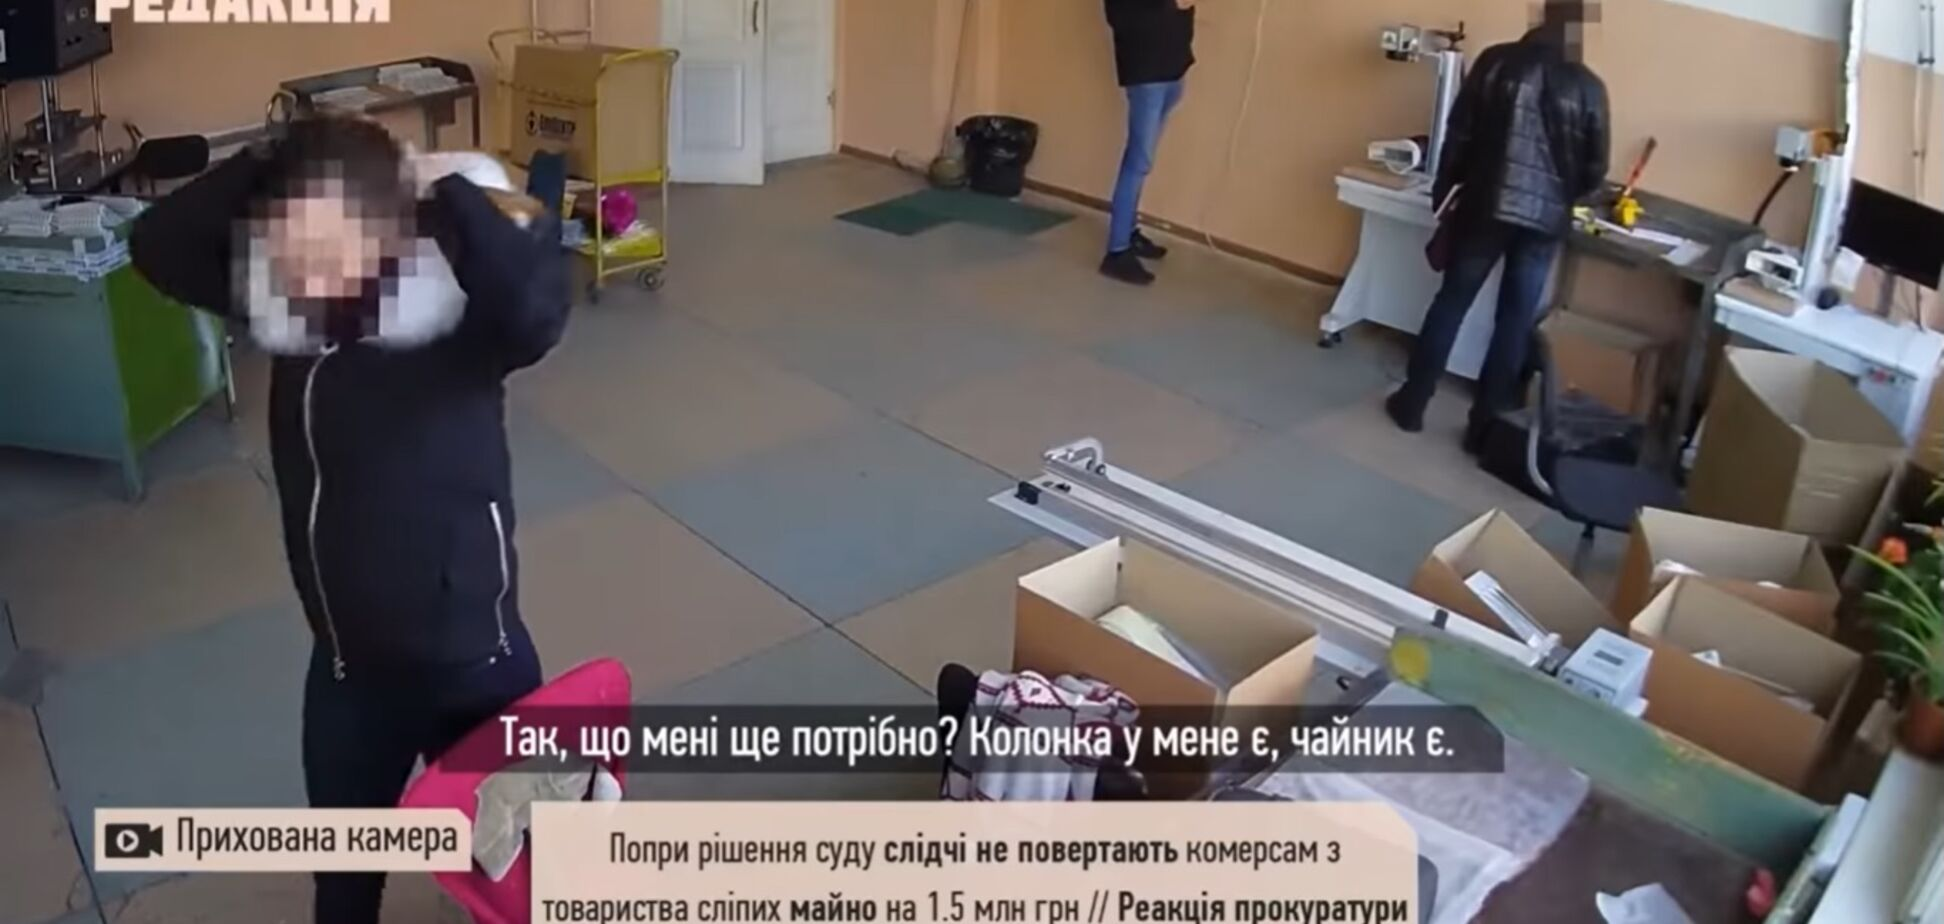 В Одессе копы ограбили фирму во время обыска